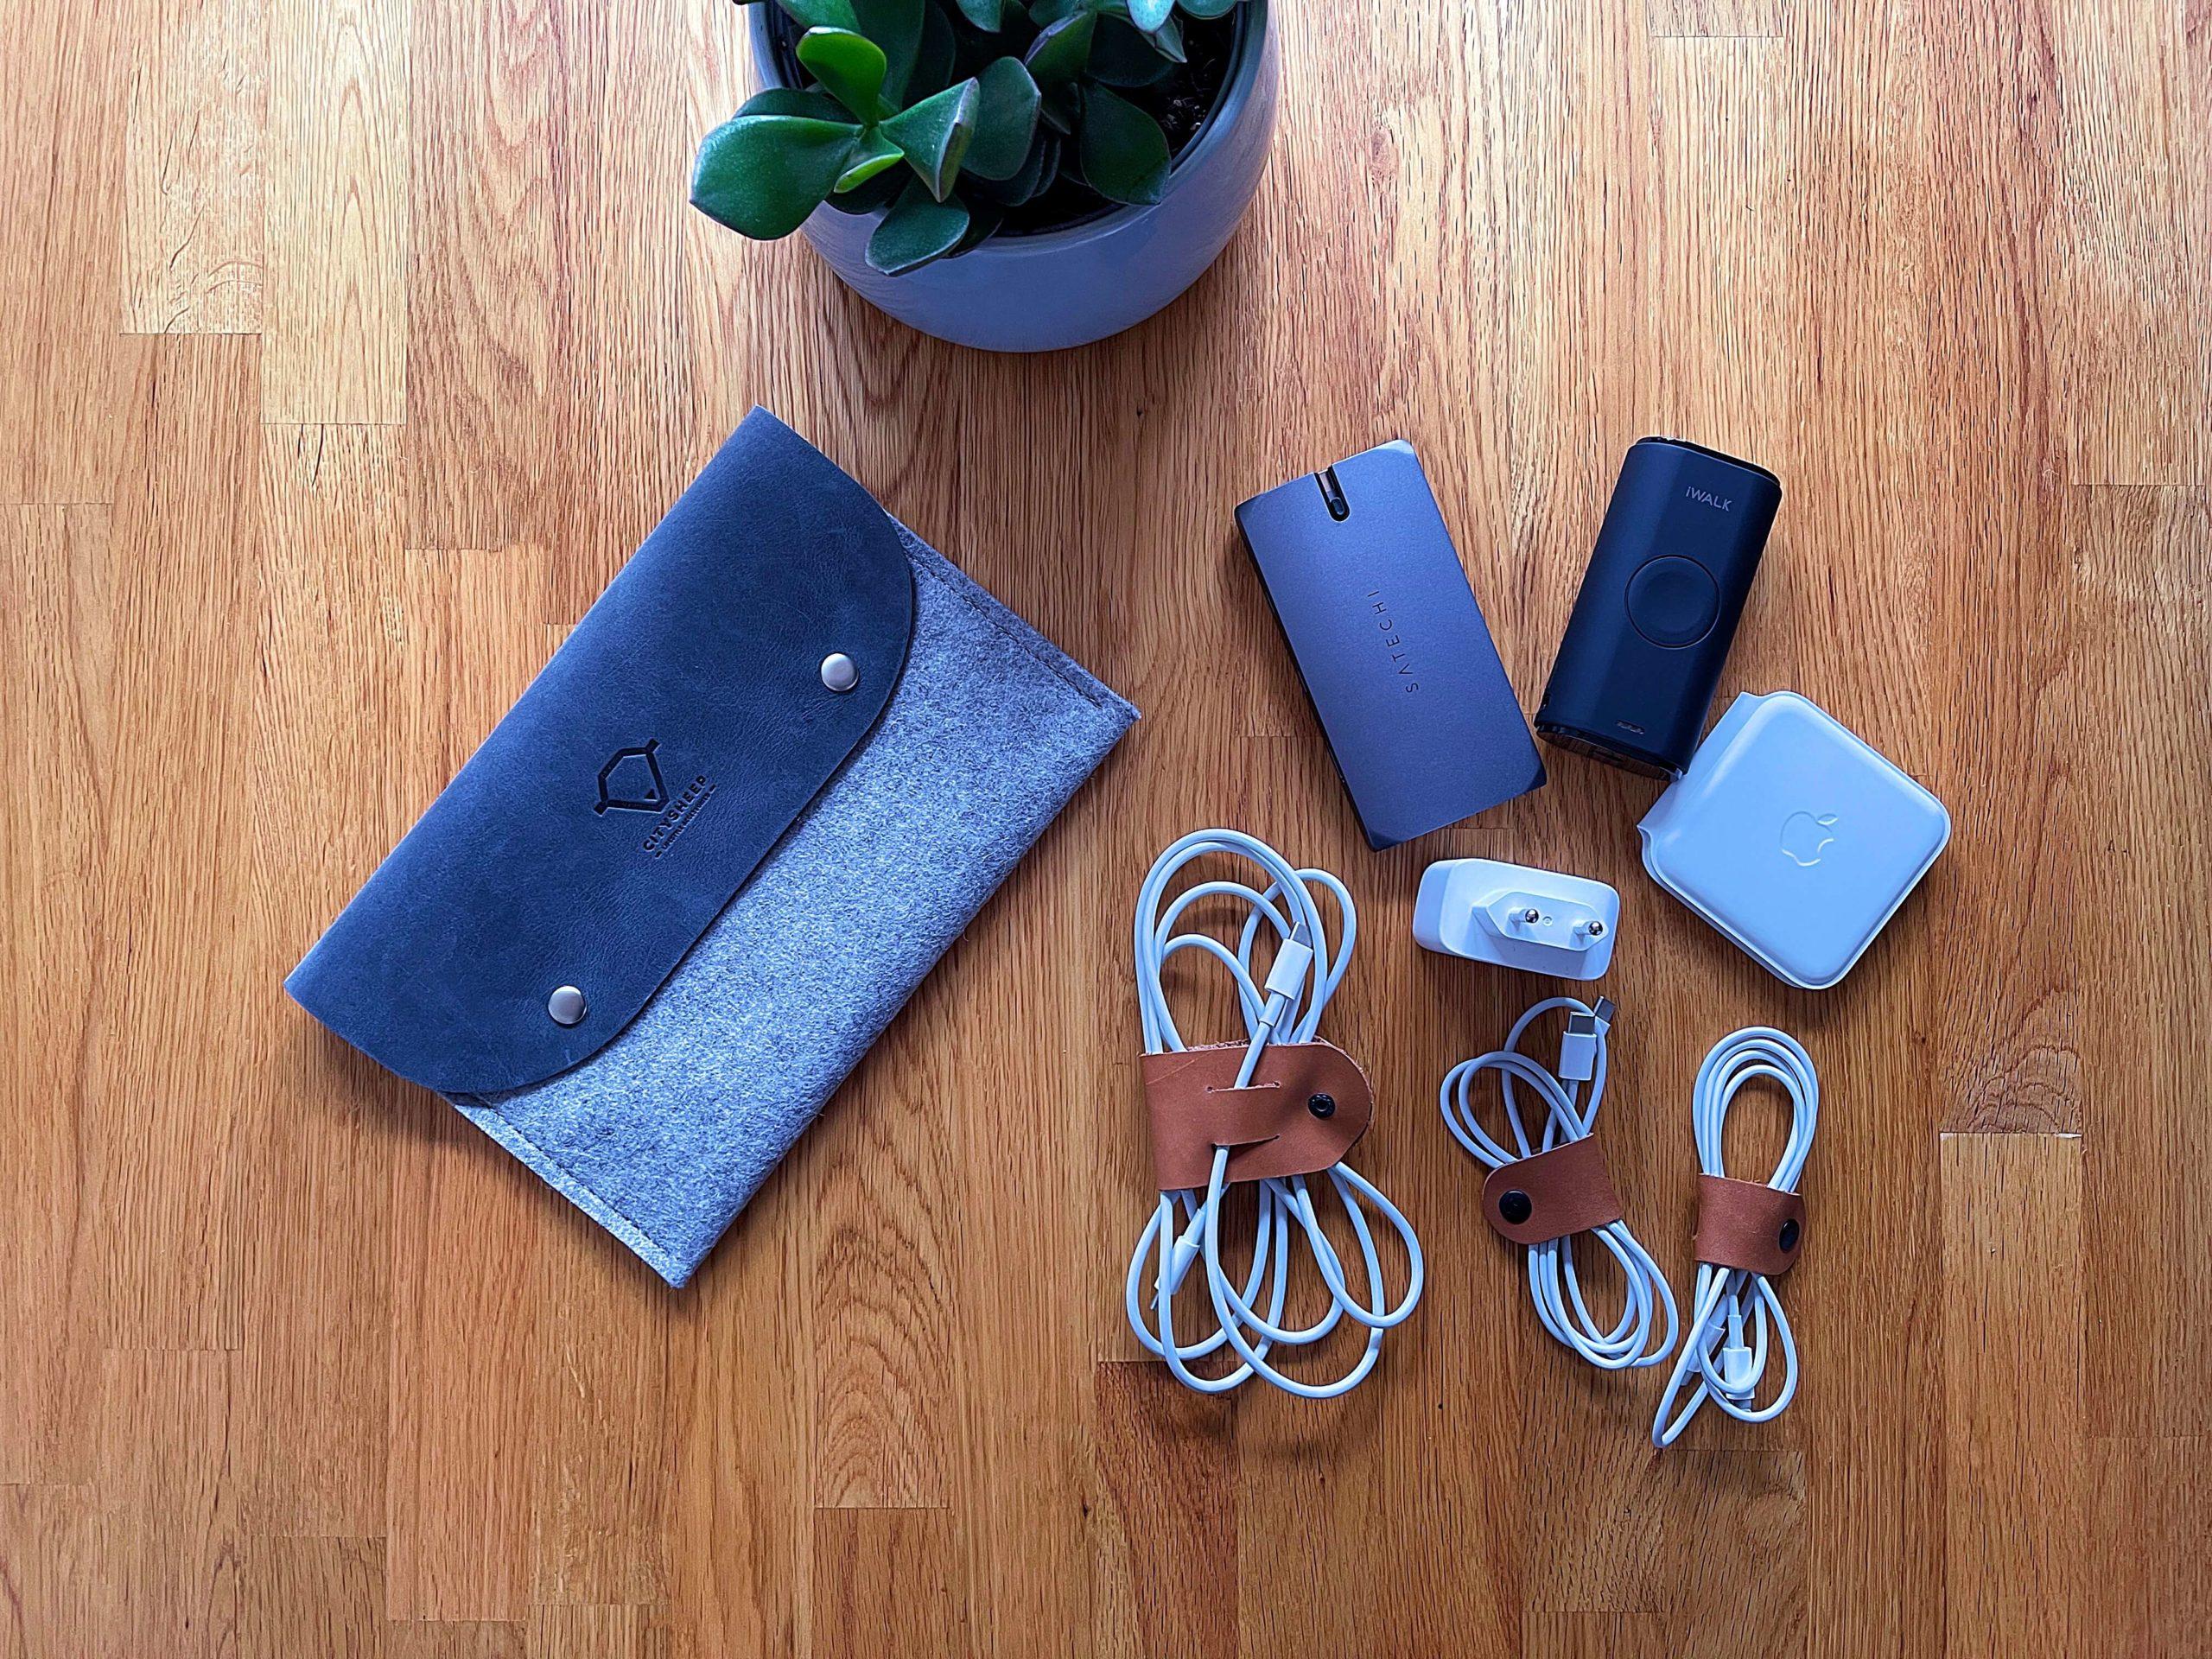 Cable-Organizer-aus-Leder-und-Filz-von-Citysheep4-scaled Cable Organizer aus Leder und Filz von Citysheep